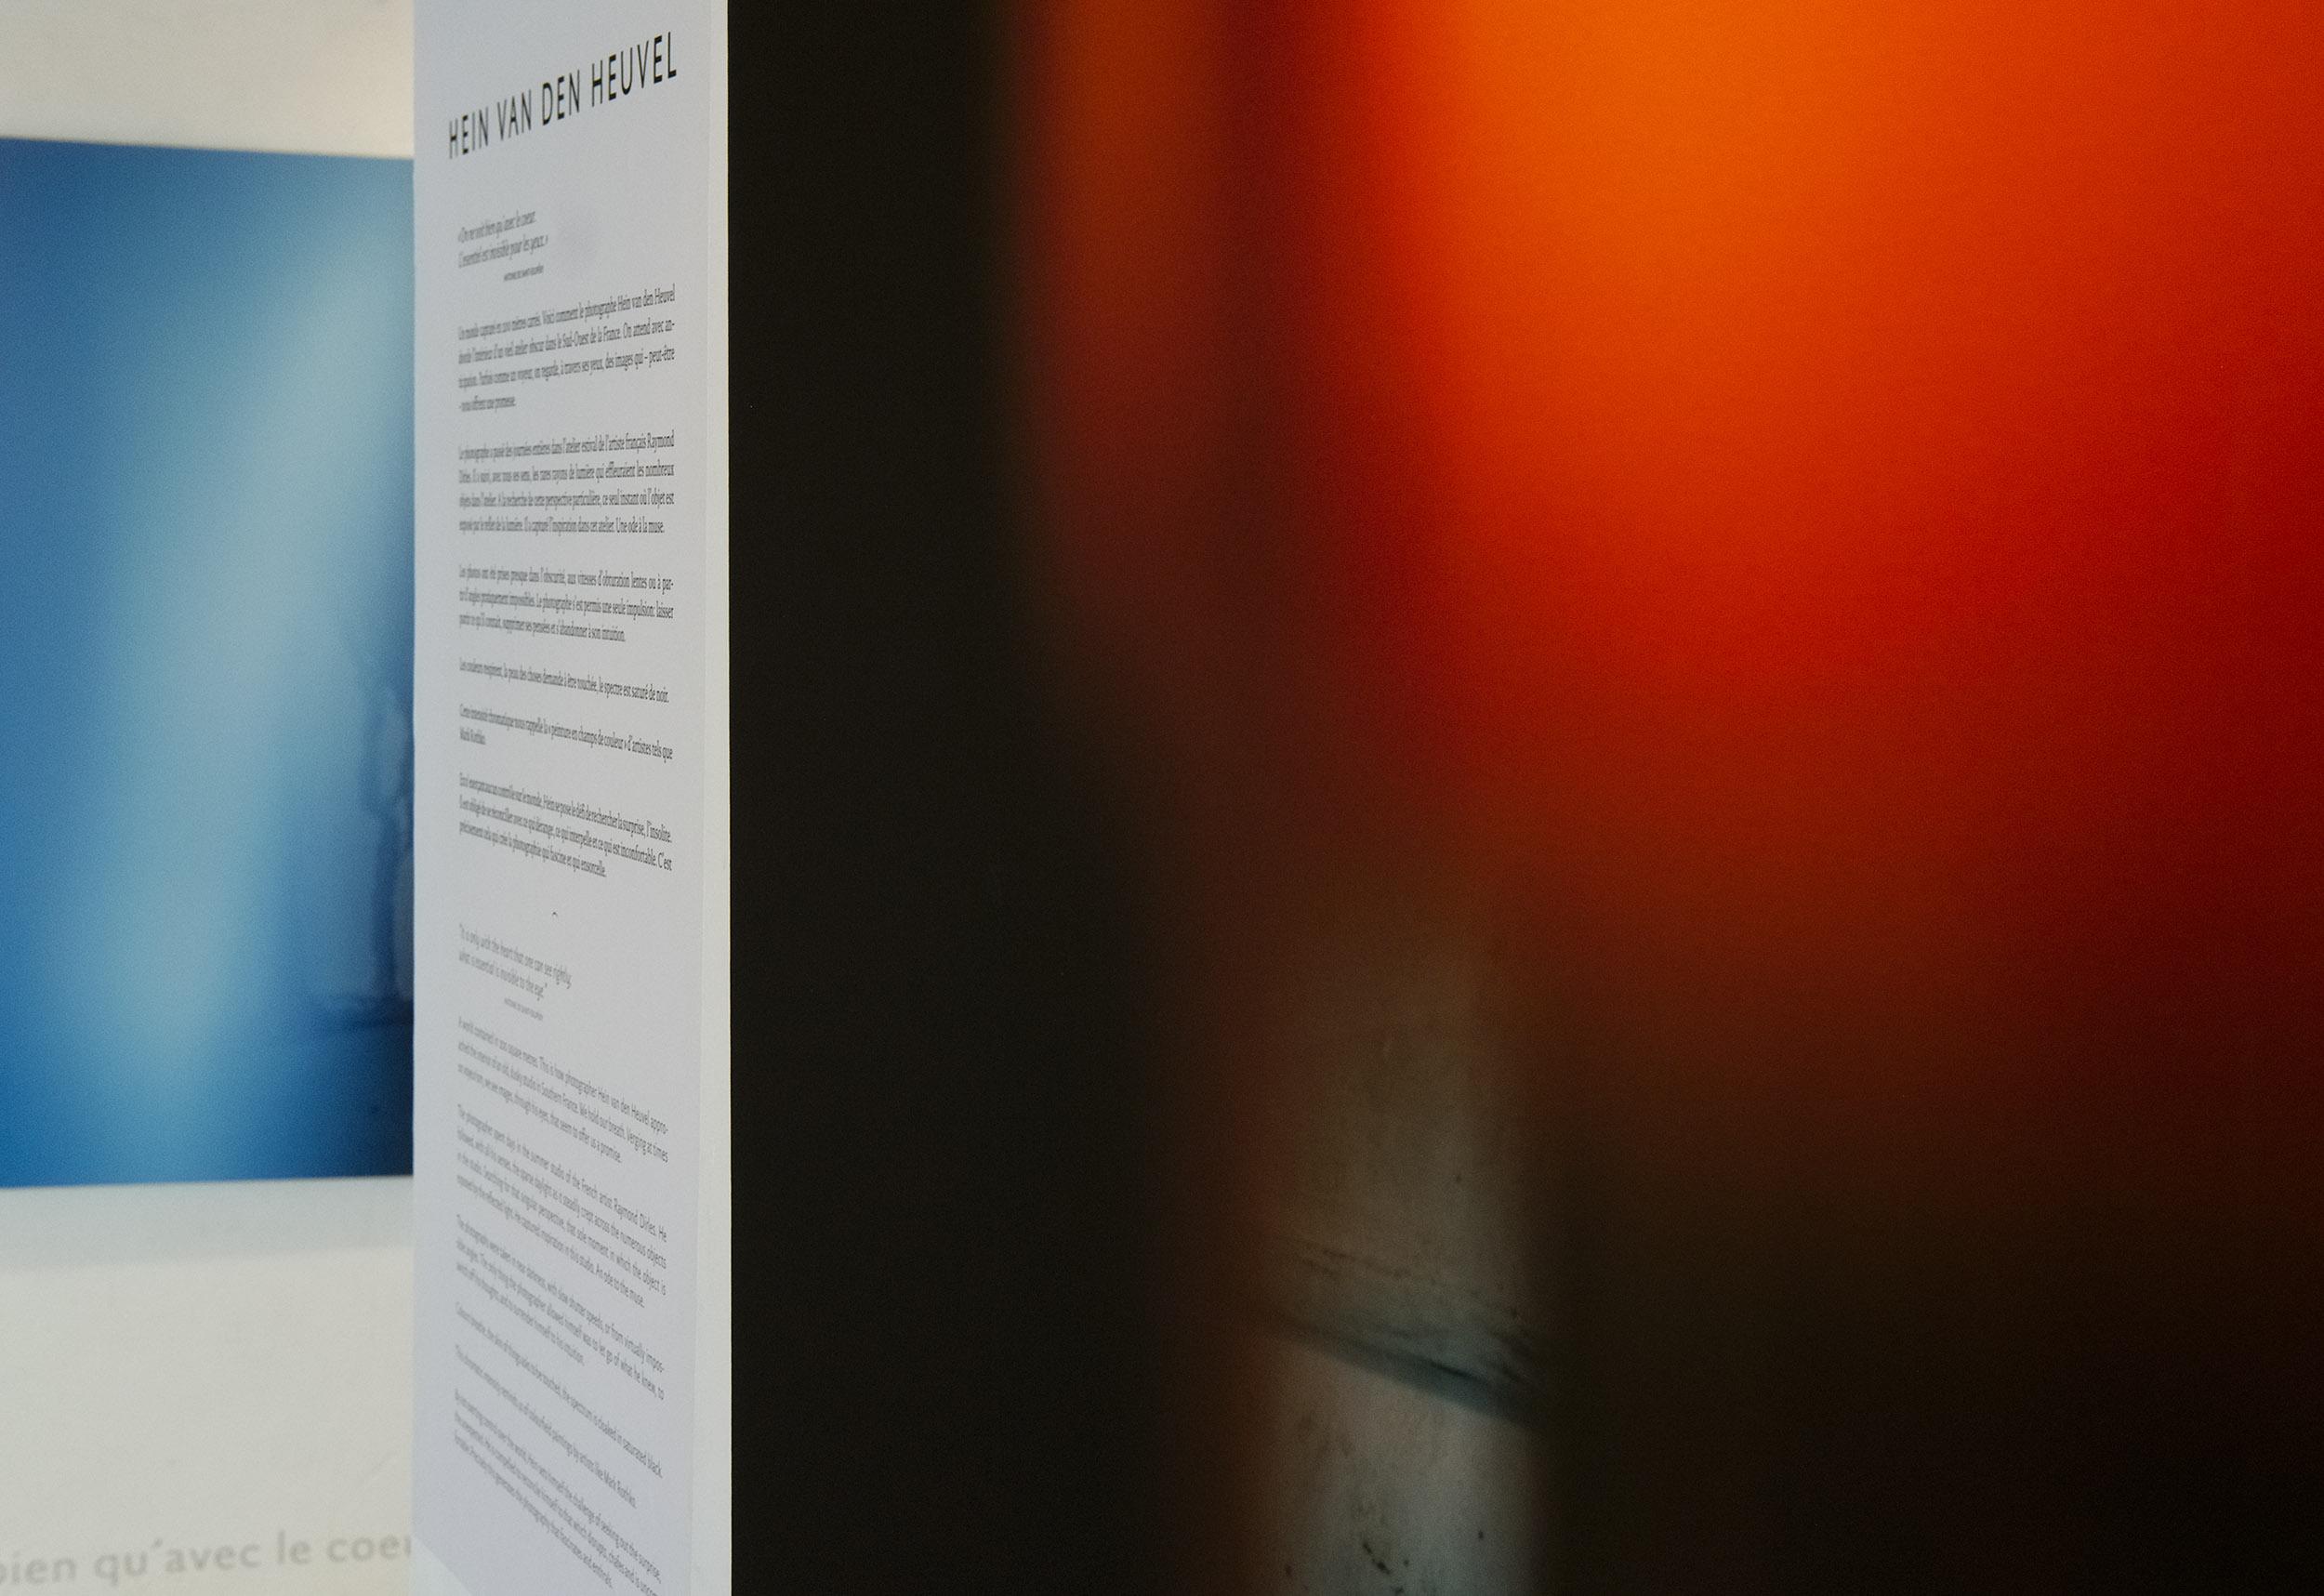 Hein van den Heuvel solo exposition.jpg